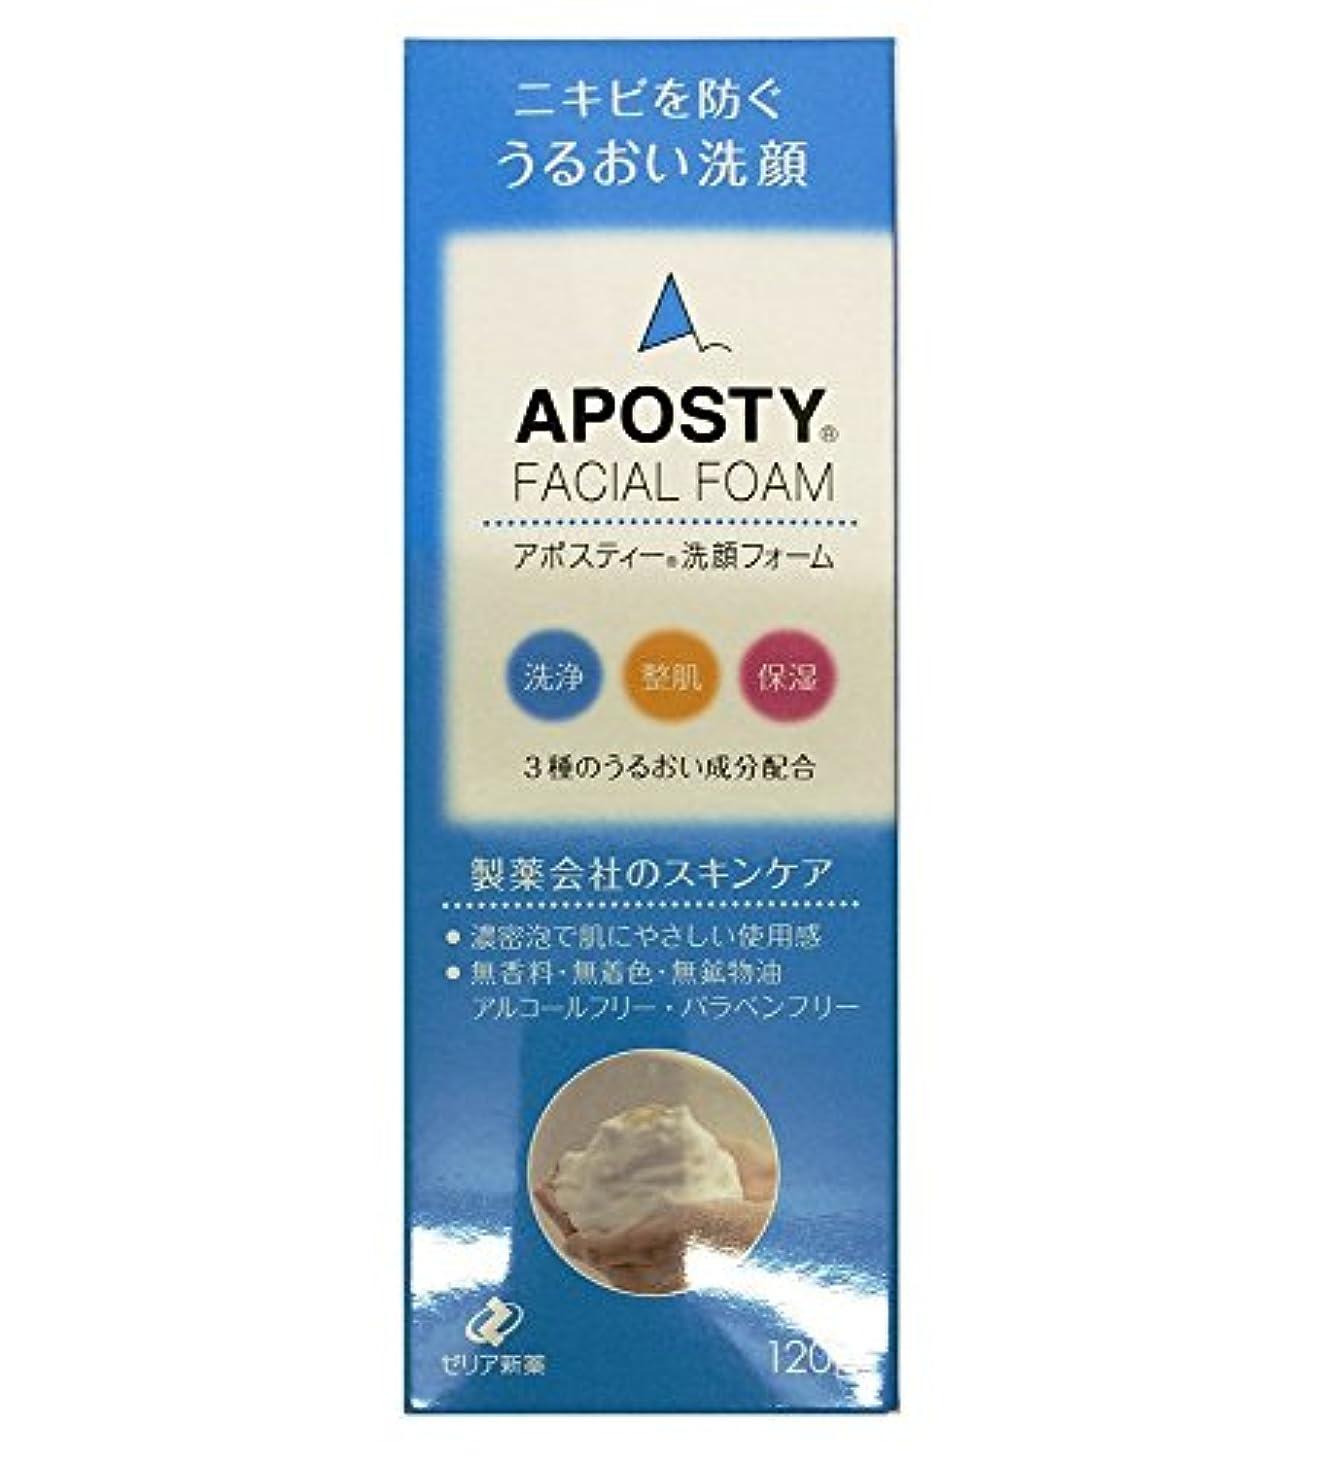 オアシス手紙を書く好色なゼリア新薬工業 アポスティー 洗顔フォーム 120g